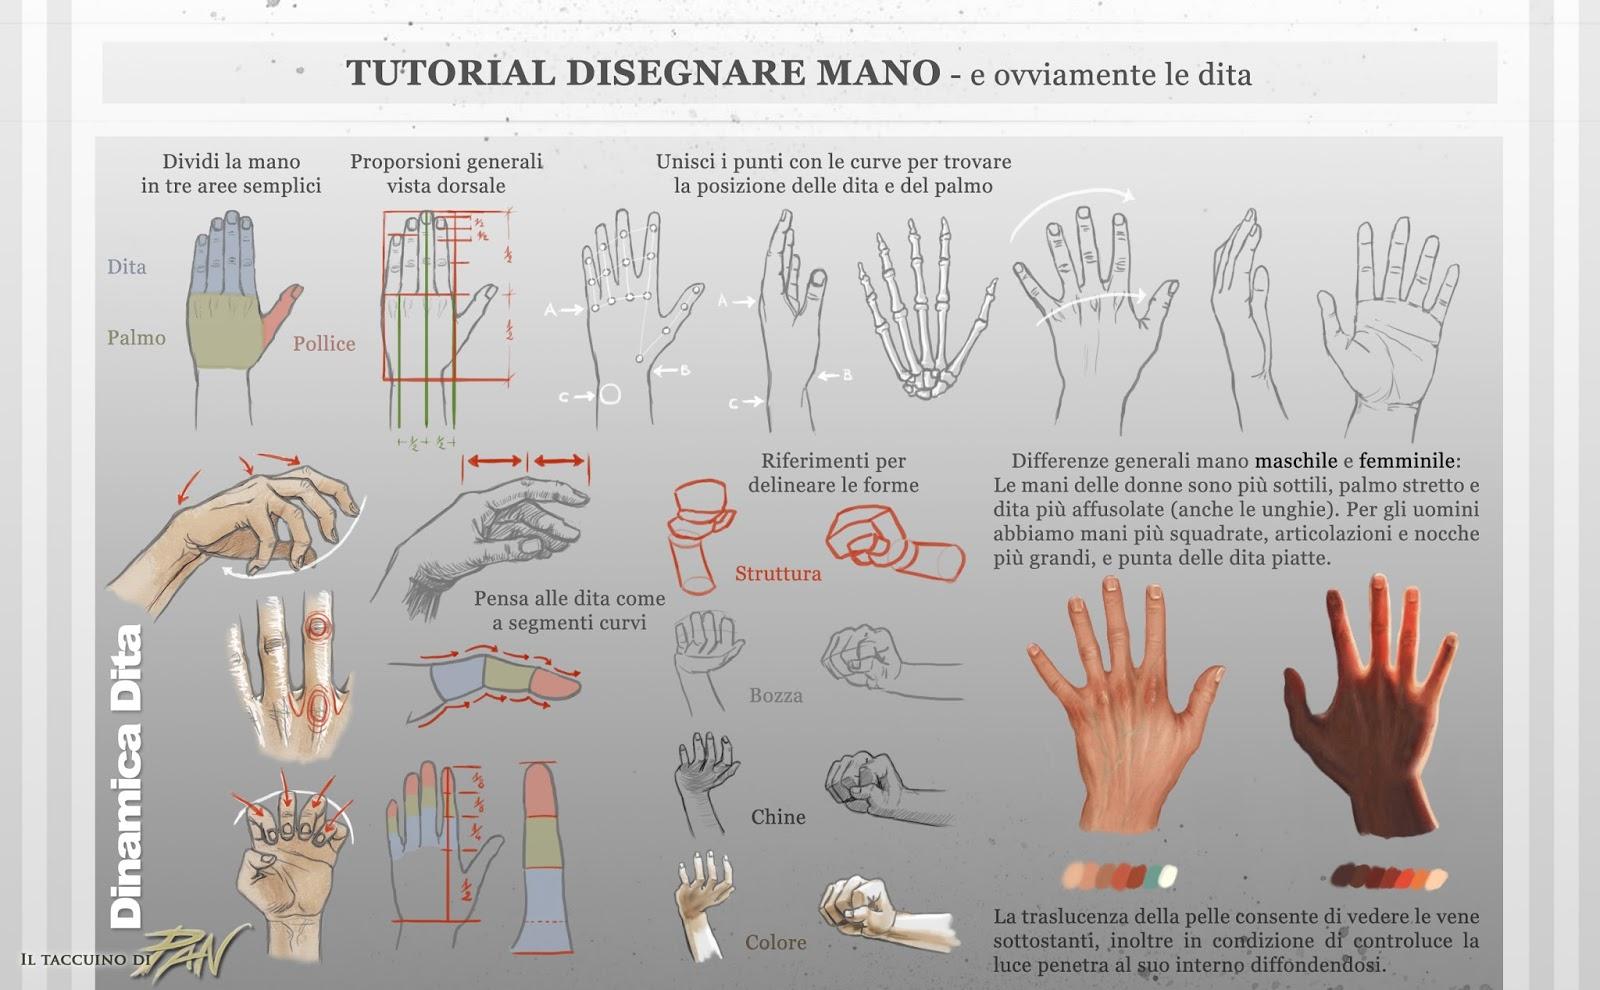 Estremamente Il taccuino di Pan: Tutorial Disegnare Mani e Dita DD45